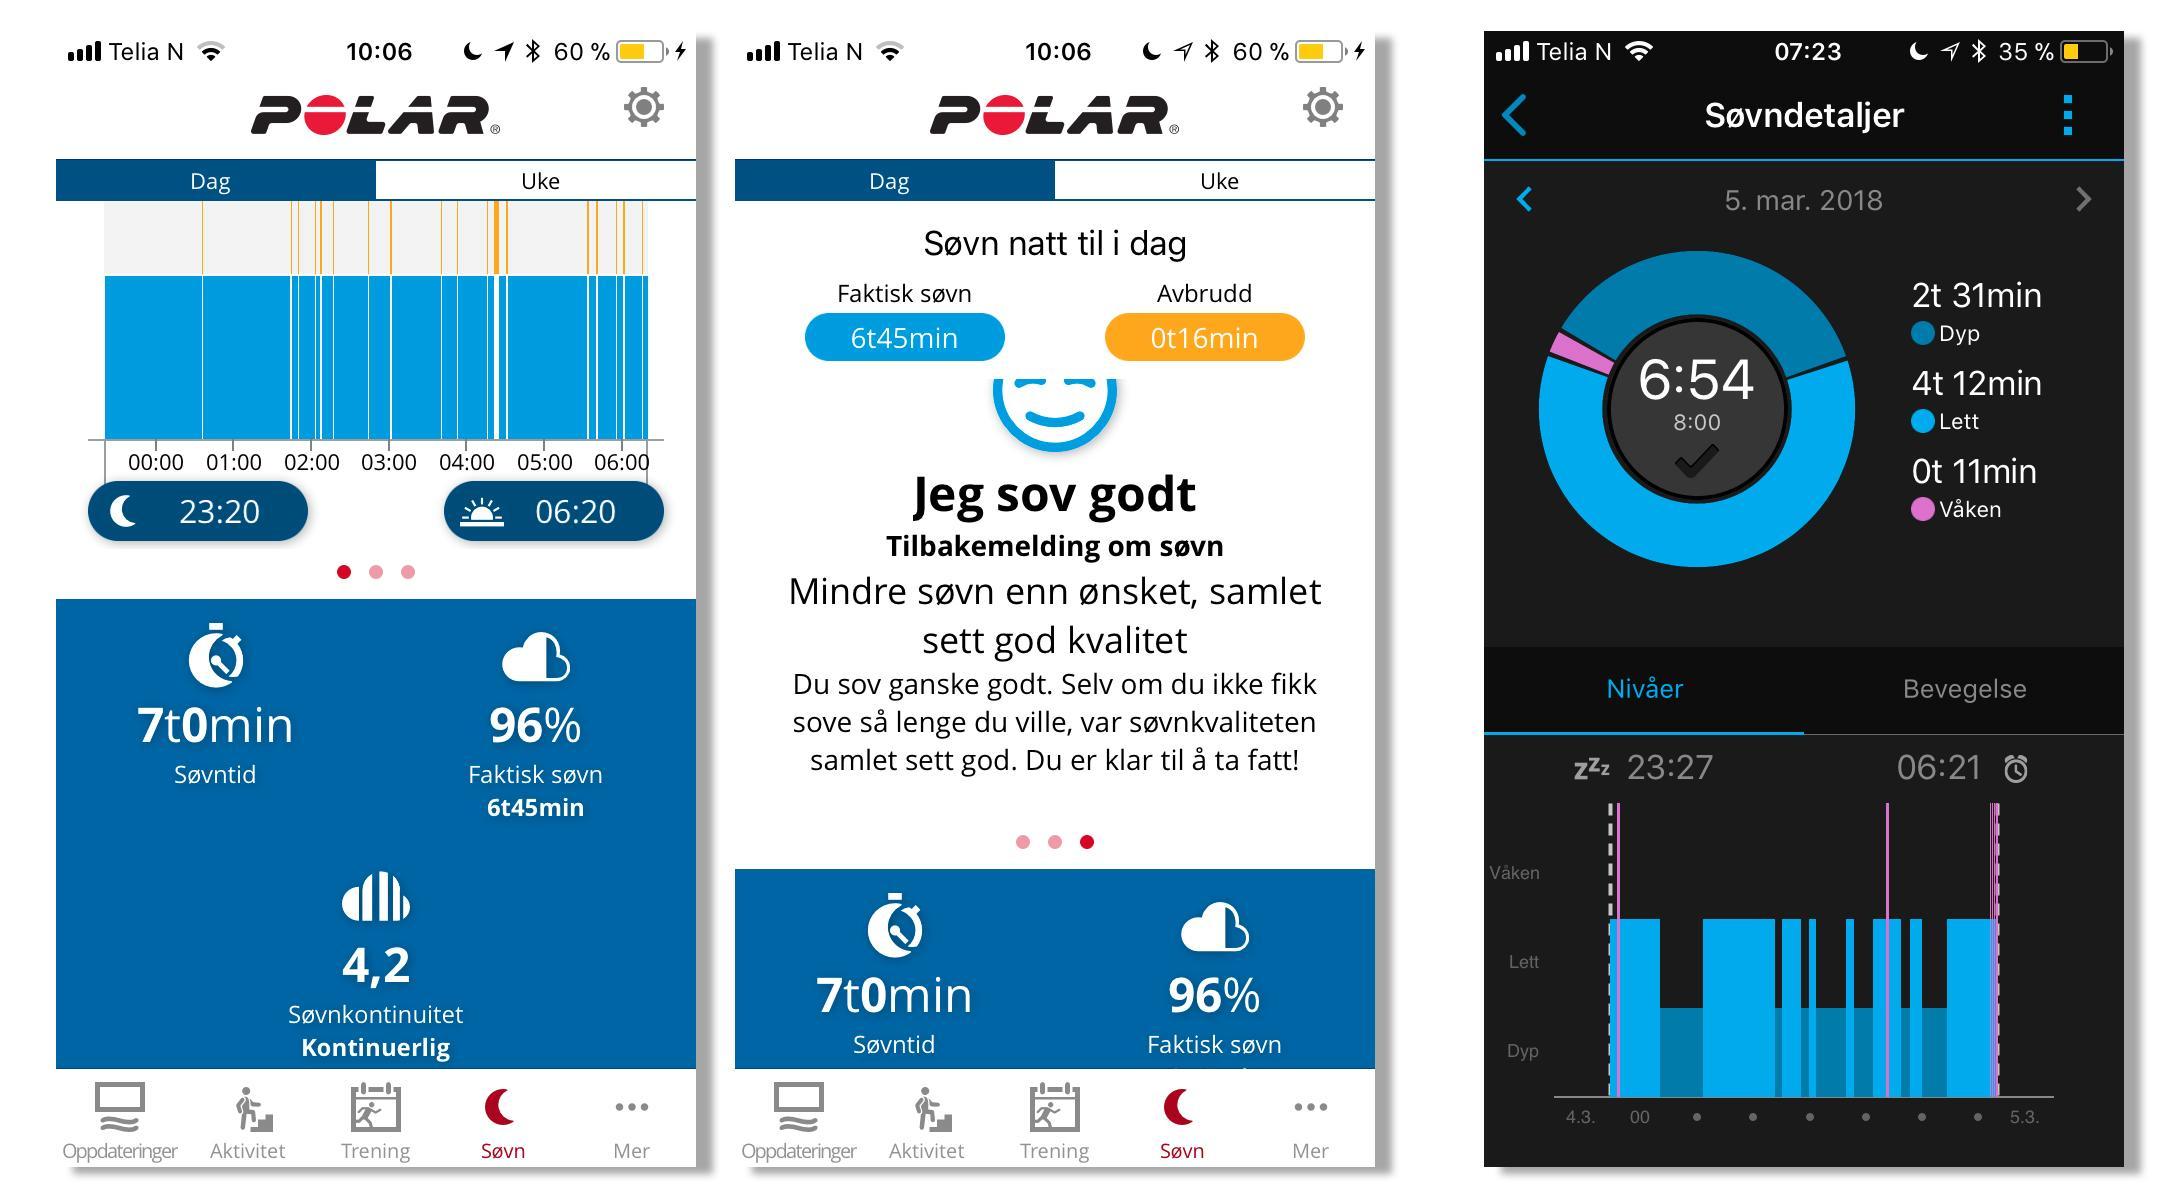 Funksjonene for aktivitetsmåling er også viktige, og kanskje spesielt søvnloggen. Noen byr på mer avansert analyse enn andre, mens noen bare har litt ulikt fokus. Polar ser på kontinuiteten, mens Garmin er mer opptatt av balansen mellom lett og tung søvn. Skjermbilde: Polar Flow (iOS) og Garmin Connect (iOS)